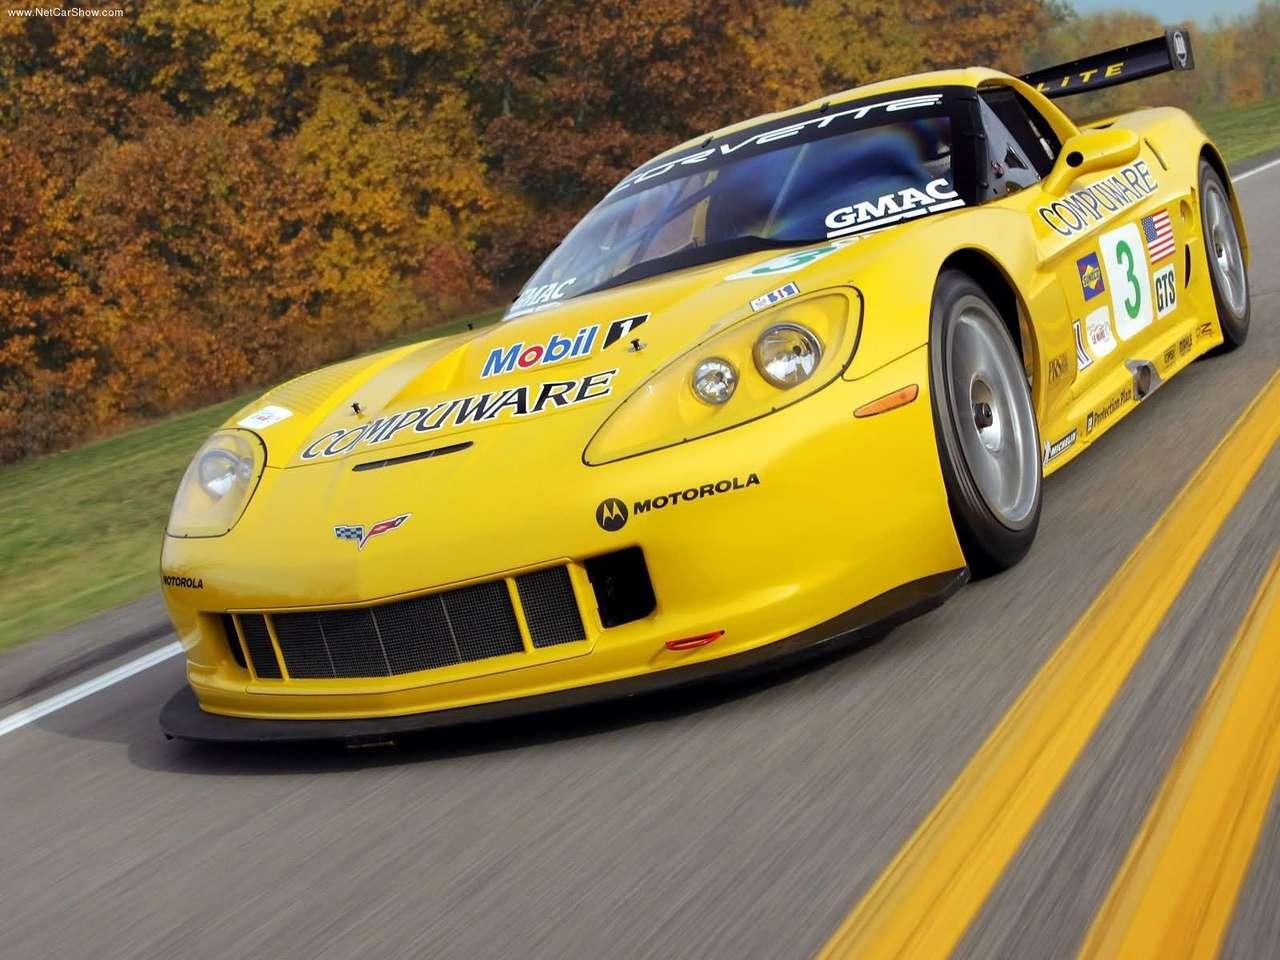 http://1.bp.blogspot.com/-c1DH_O4BEIE/TXs0t9TIhKI/AAAAAAAANJw/PqCwhykBoWE/s1600/Chevrolet-Corvette_C6R_Race_Car_2005_1280x960_wallpaper_01.jpg